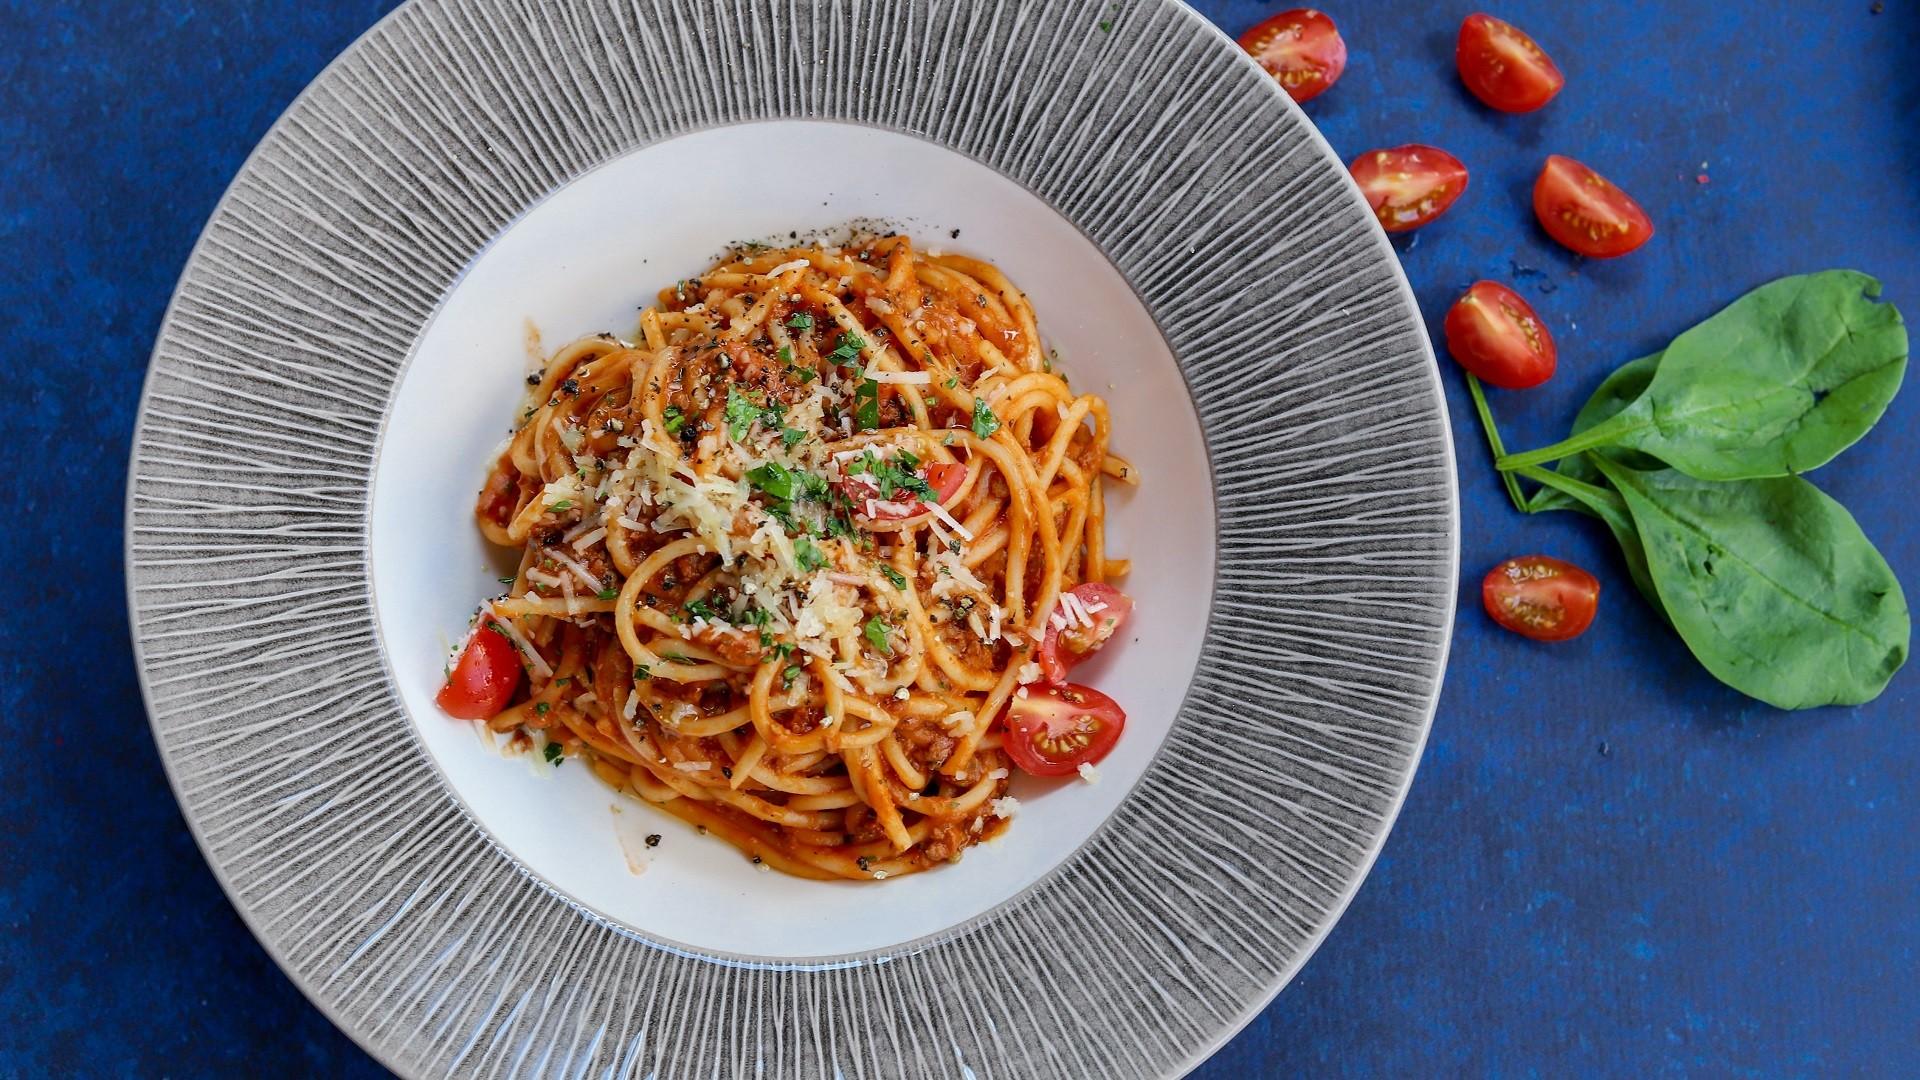 Vegetarische Gerichte für Kinder - gesunde, einfache, leckere Rezepte wie Pasta